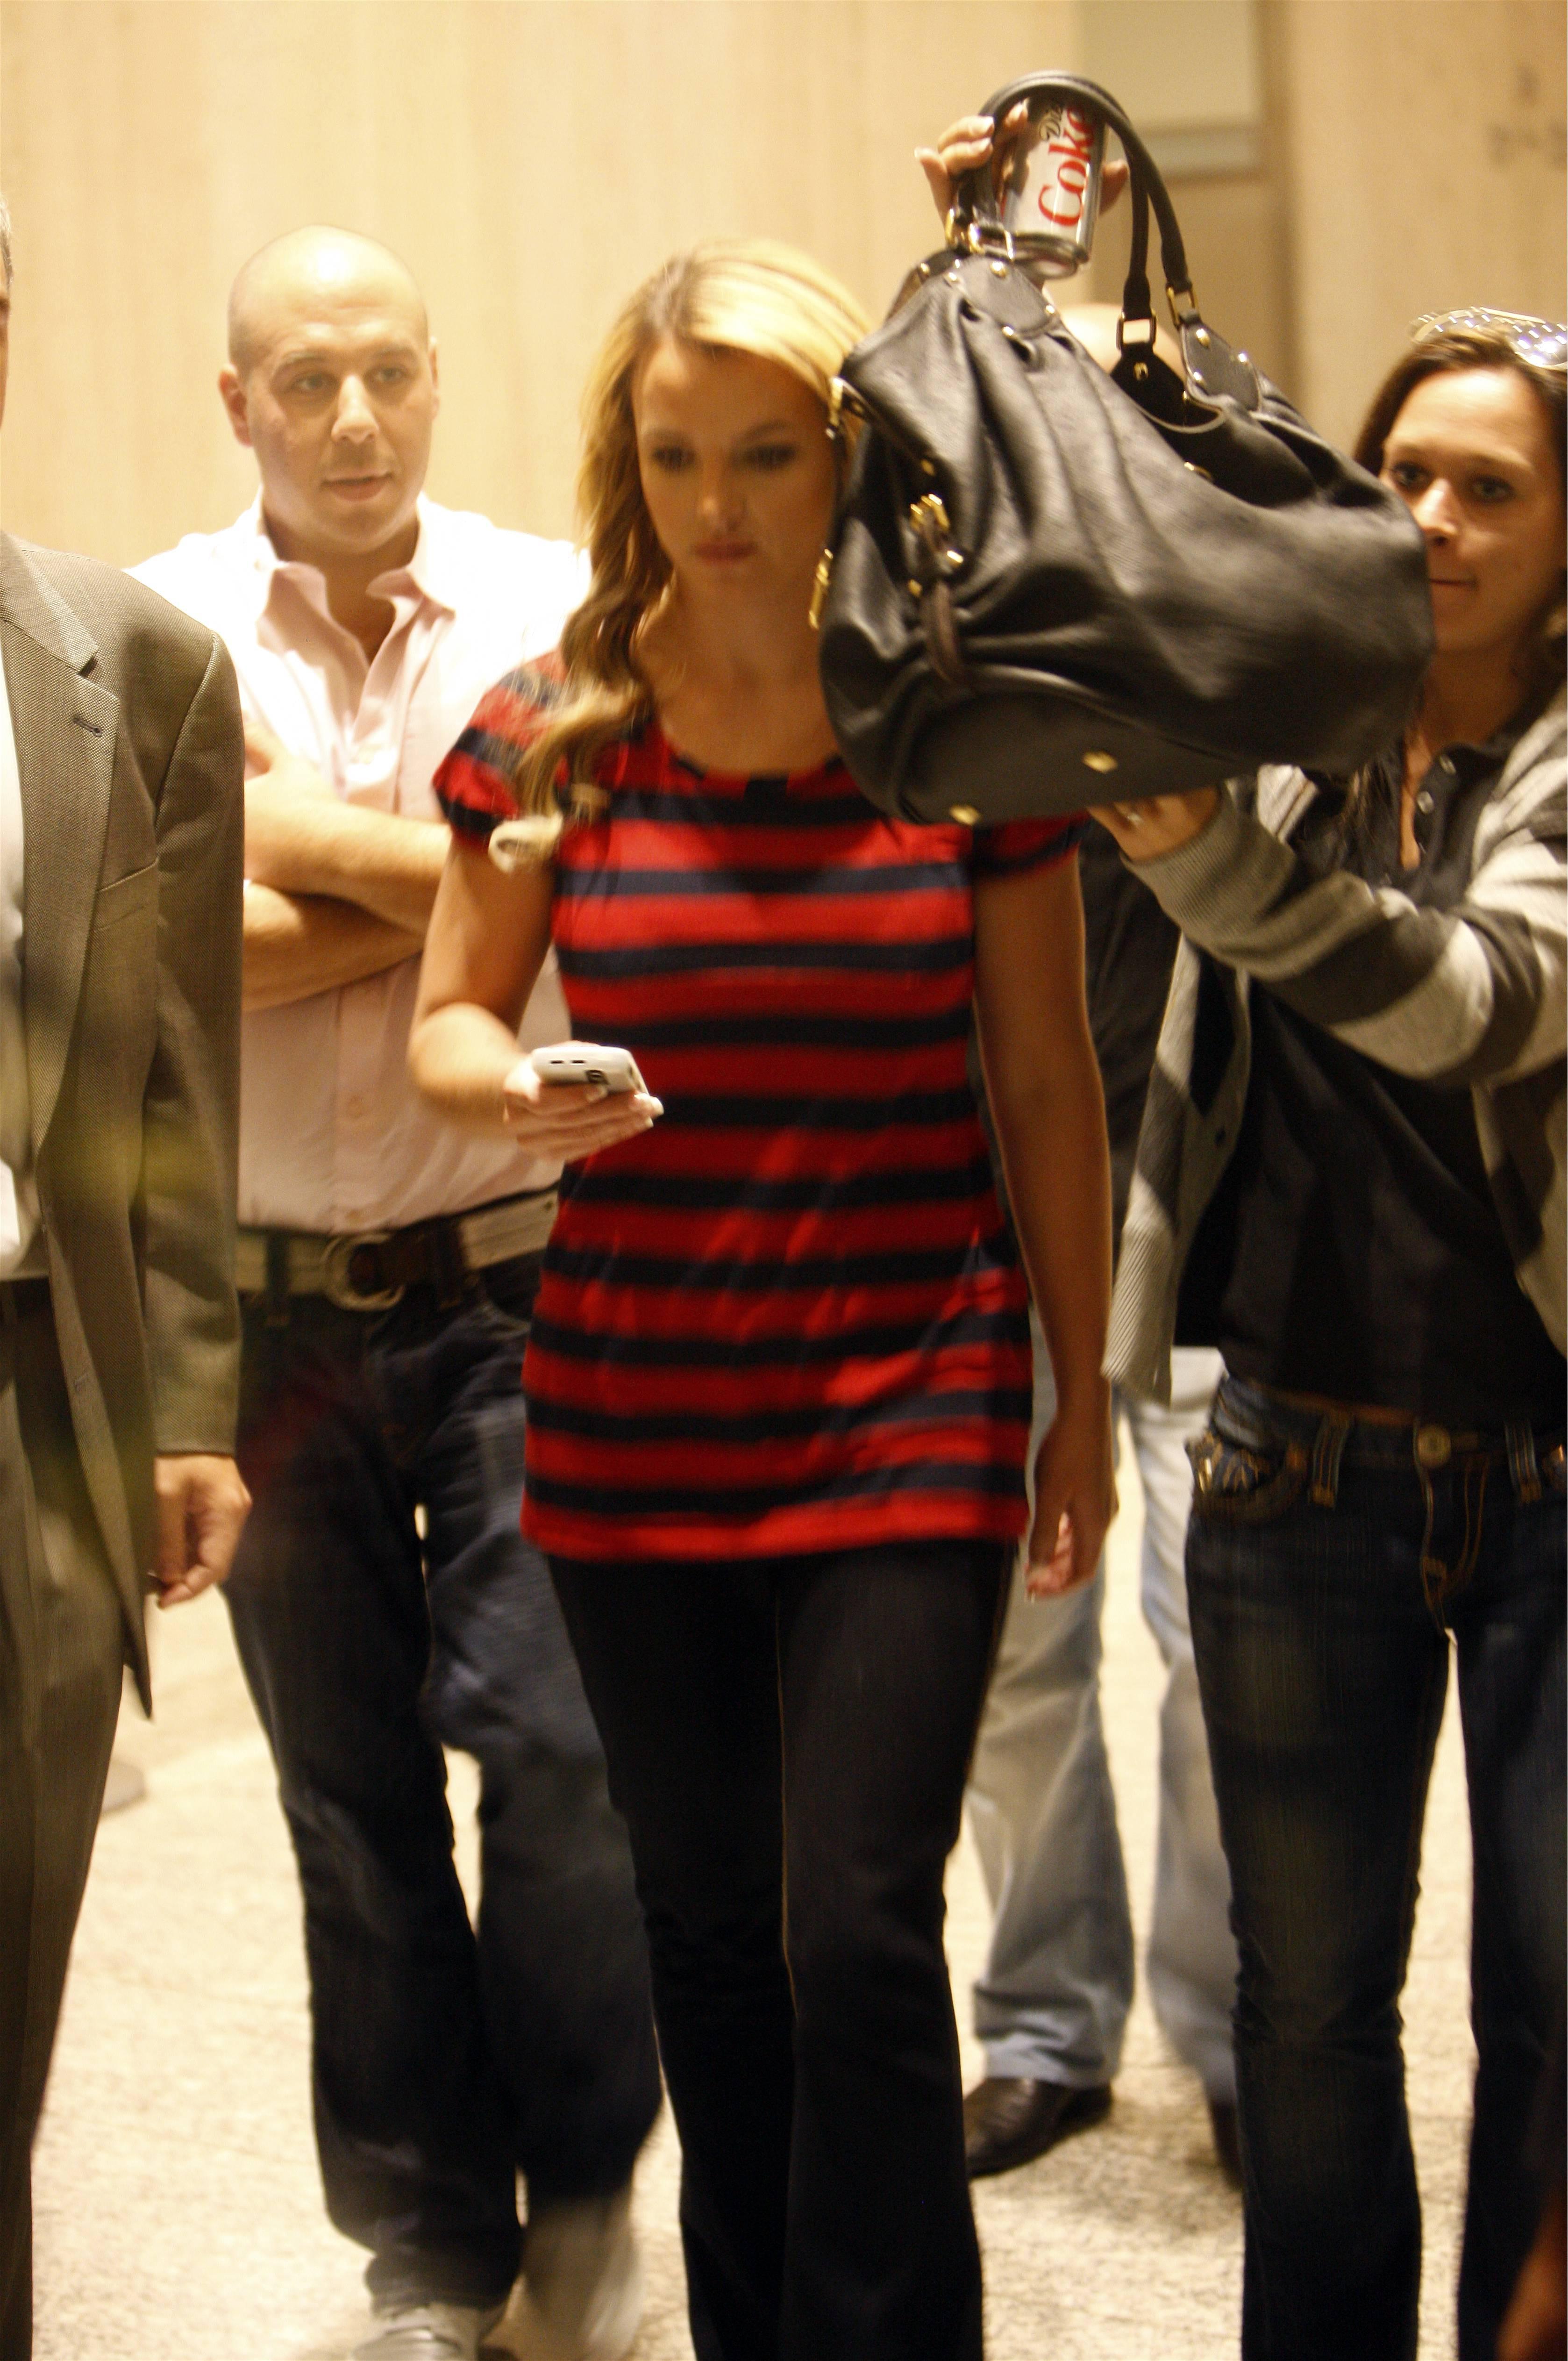 07286_Celebutopia-Britney_Spears_shopping_in_Soho-13_122_1093lo.jpg